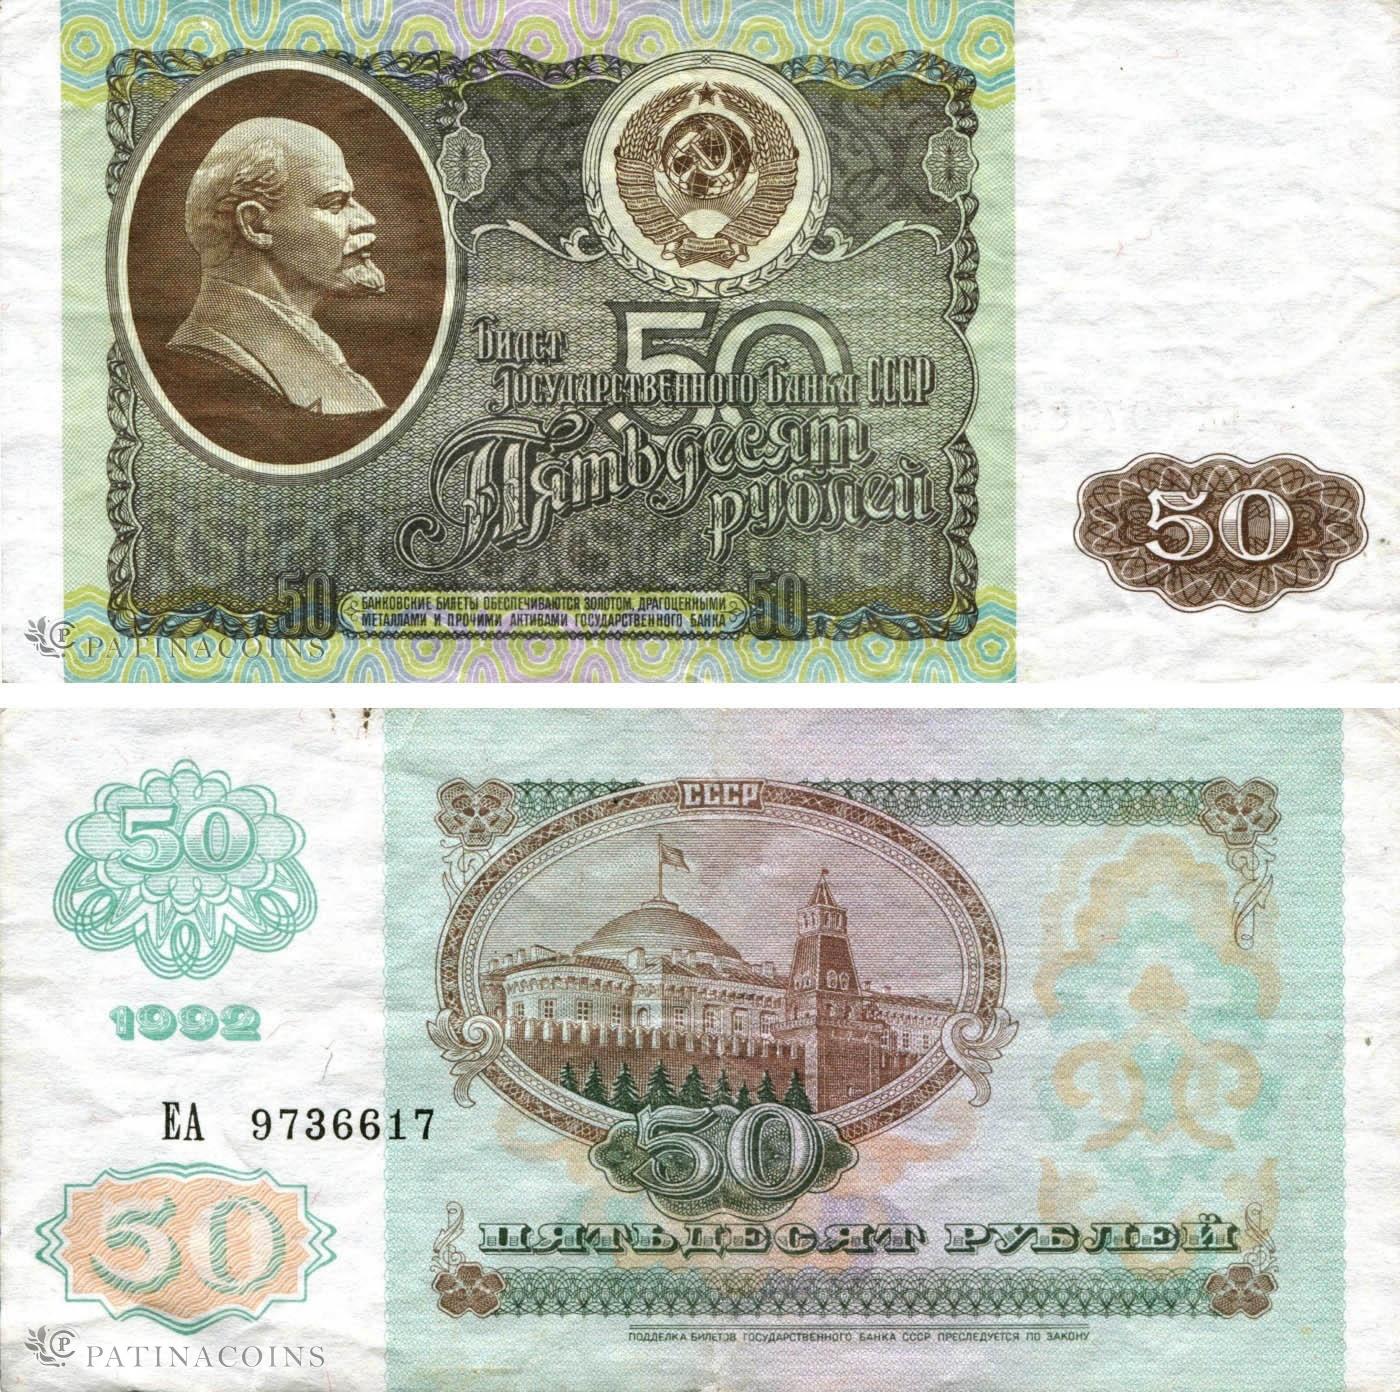 Пятьдесят рублей купюра ссср реально очень